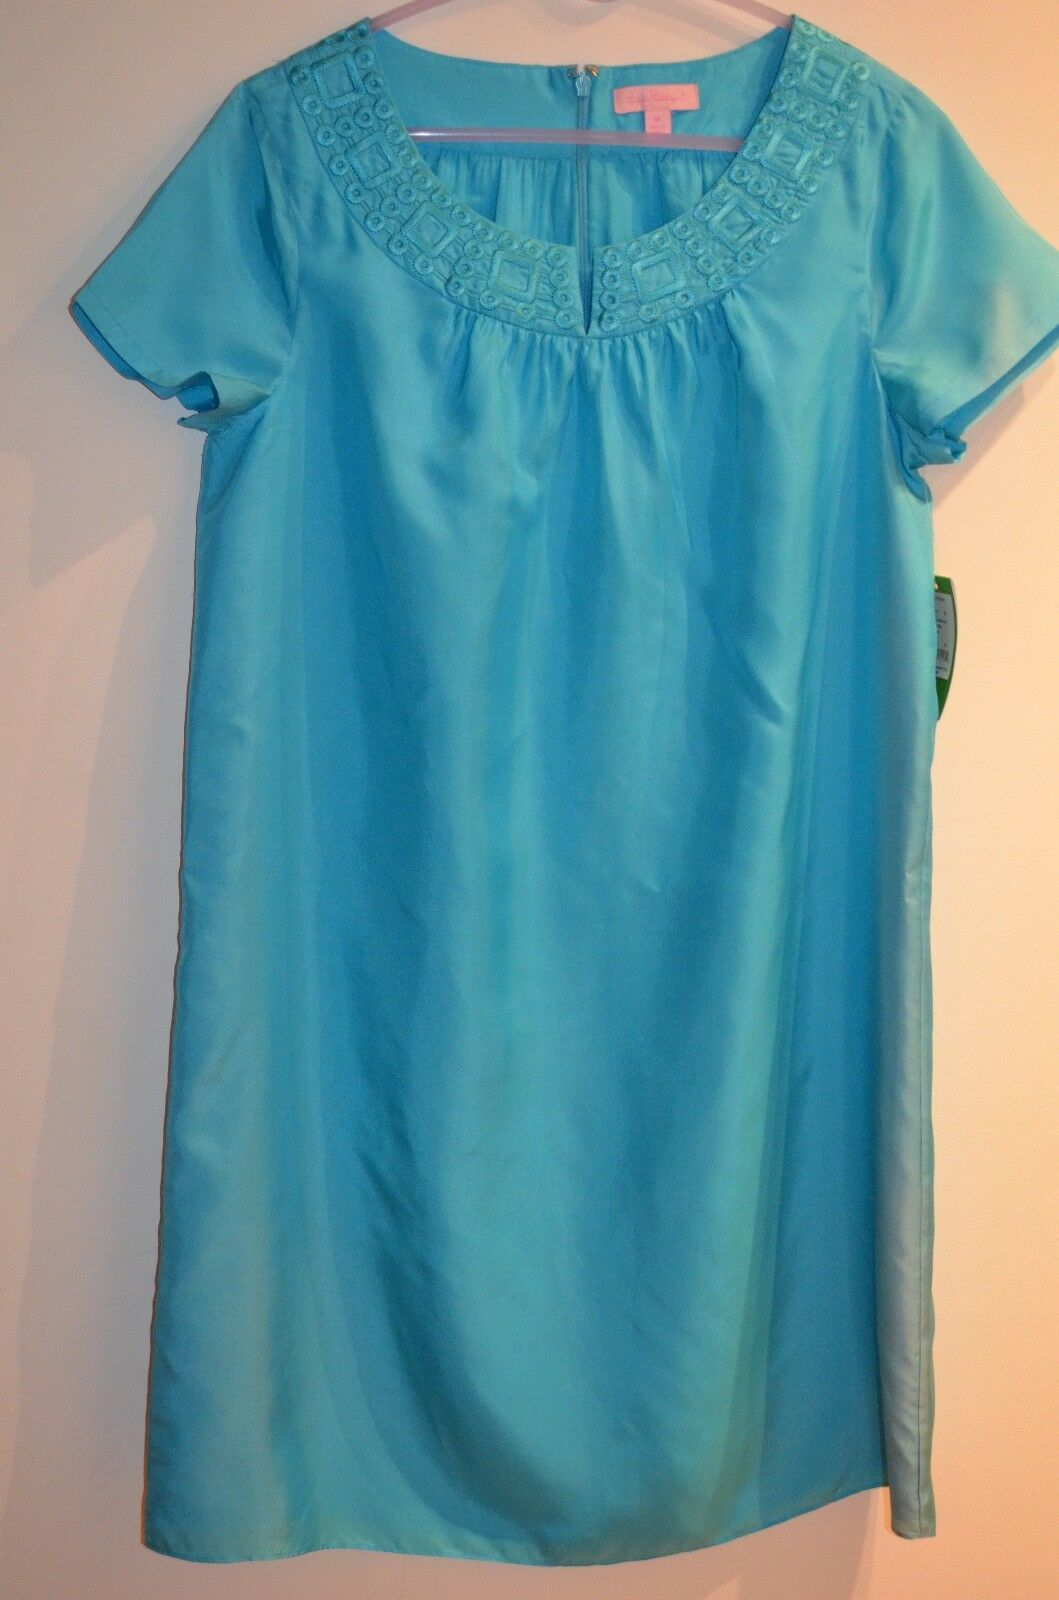 NWT Lilly Pulitzer Blau Embroiderot 100% Silk Kathleen Dress Größe M Retail